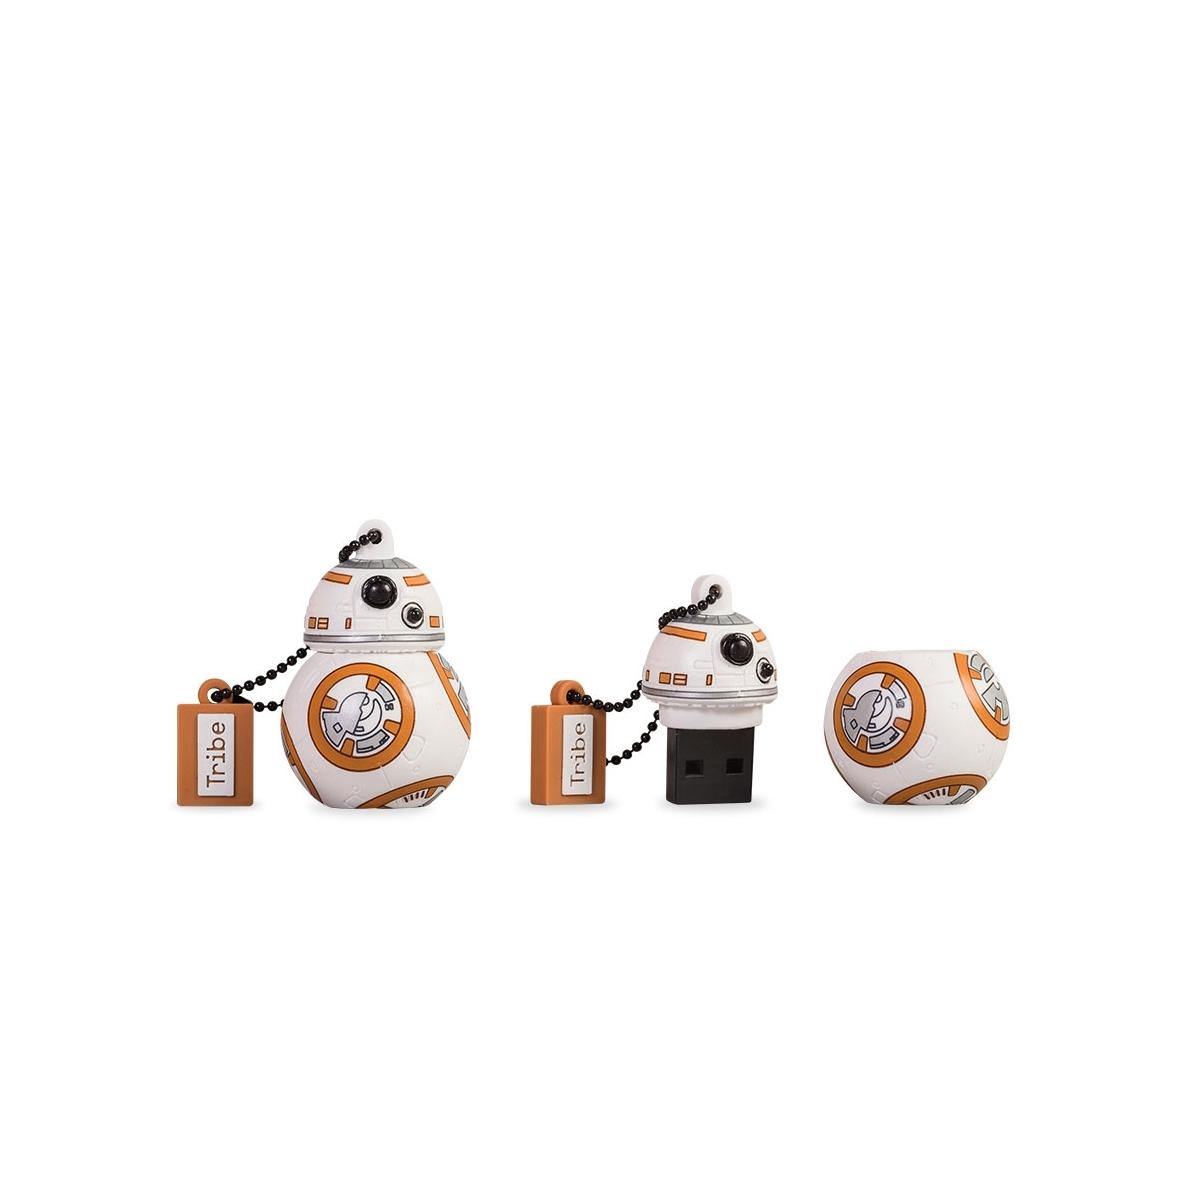 star wars episode vii cl usb bb 8 16 gb figurine discount. Black Bedroom Furniture Sets. Home Design Ideas